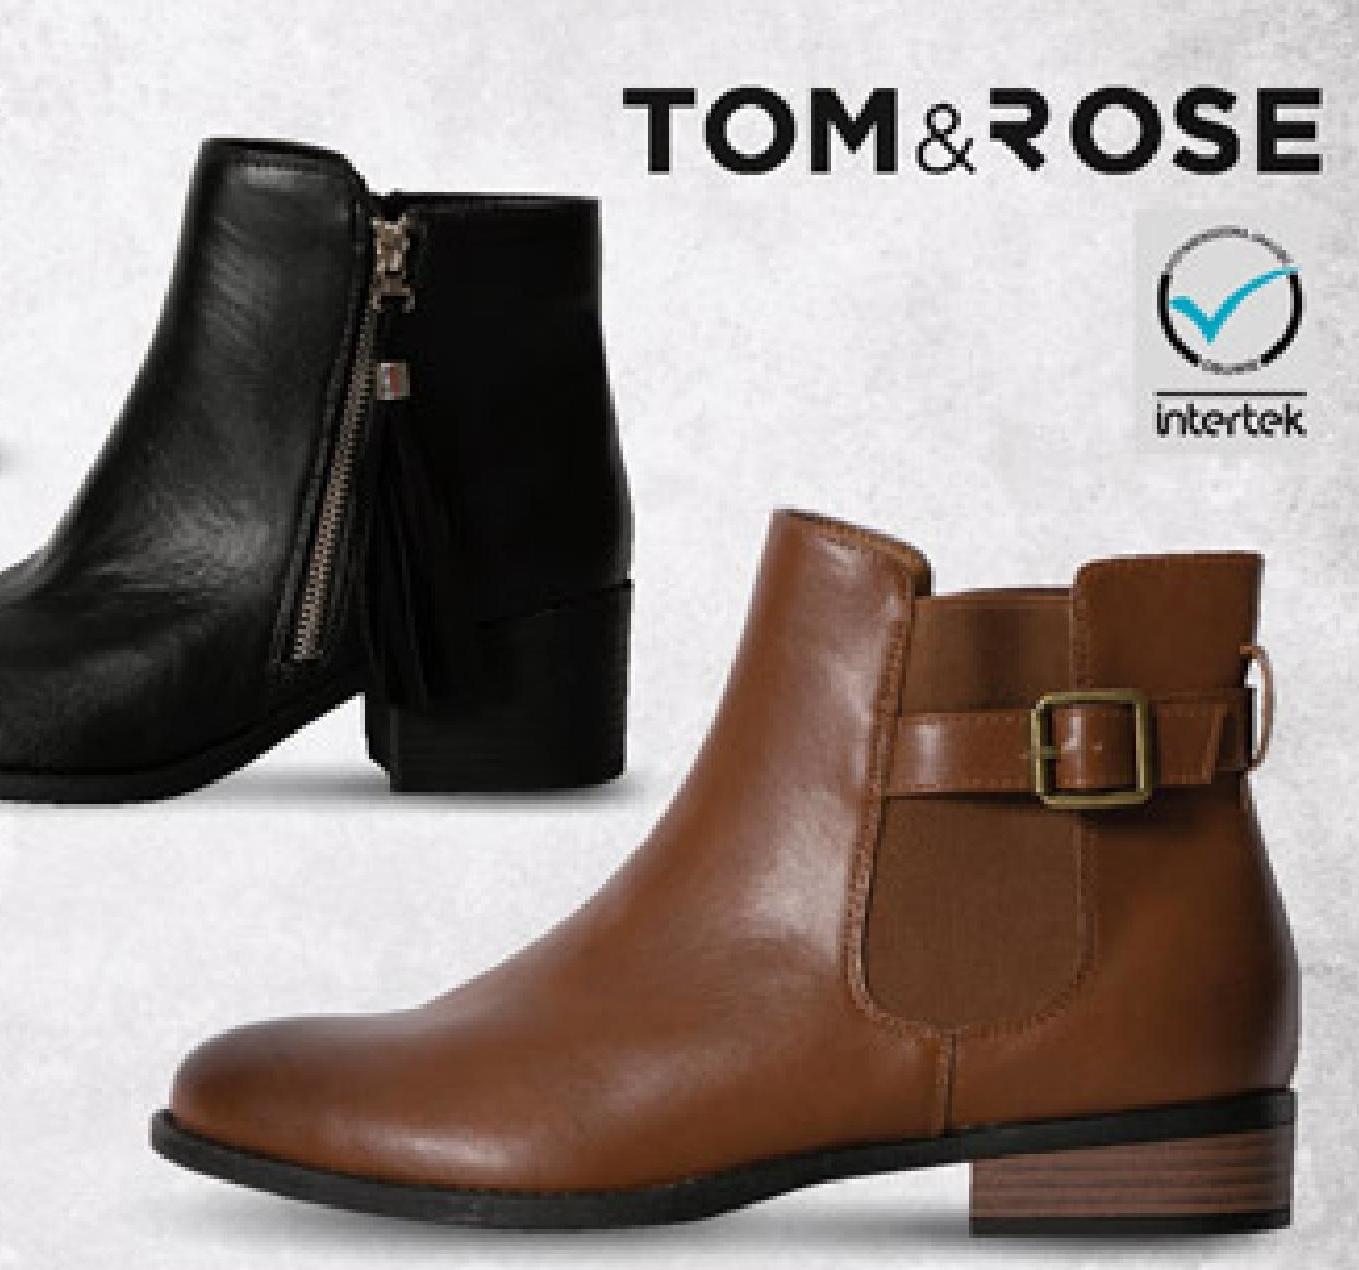 Botki TOM&ROSE  niska cena